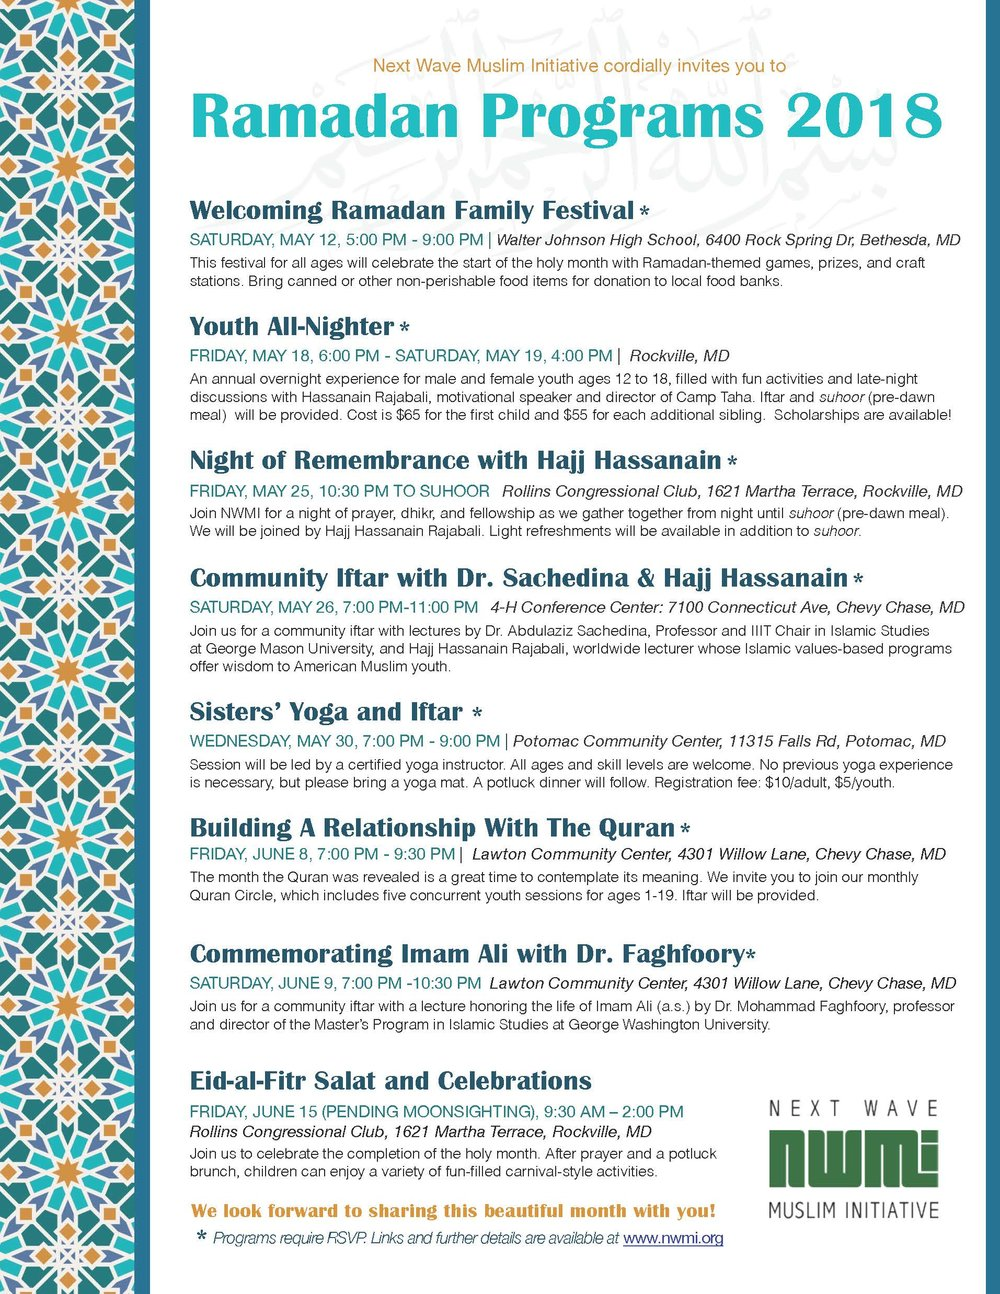 Ramadan2018 - 05.18.18.jpg